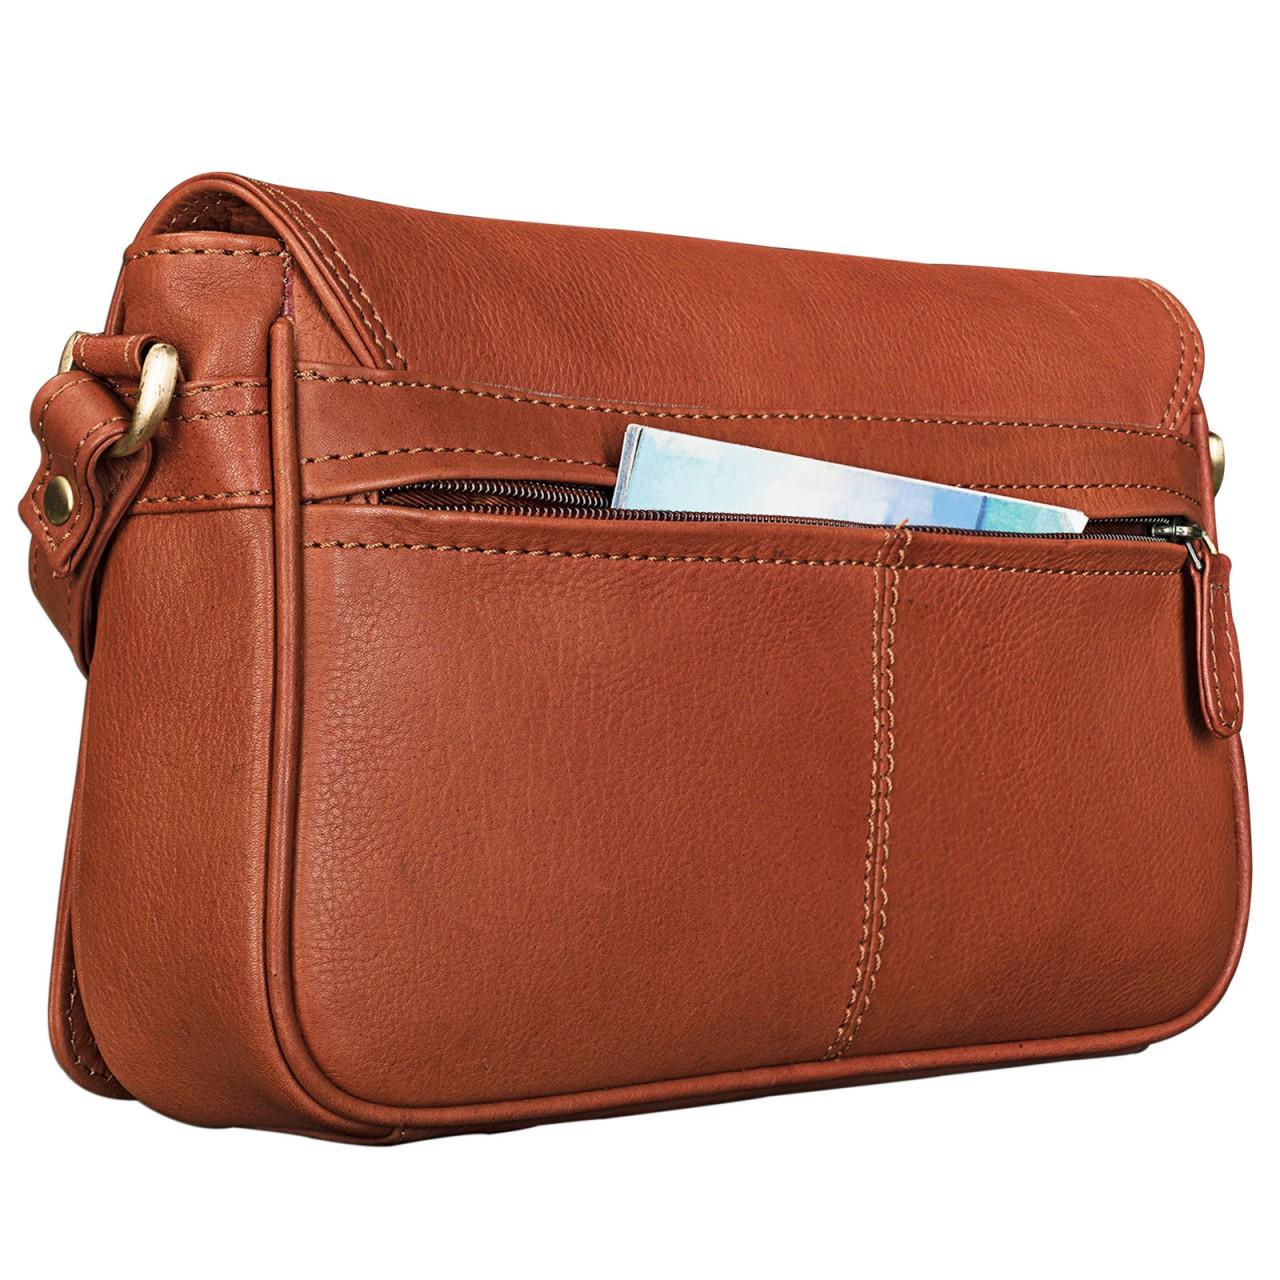 """STILORD """"Leana"""" Damen Umhängetasche Leder klein Vintage Handtasche viele Fächer elegante Ausgehtasche Vintage Echtleder - Bild 13"""